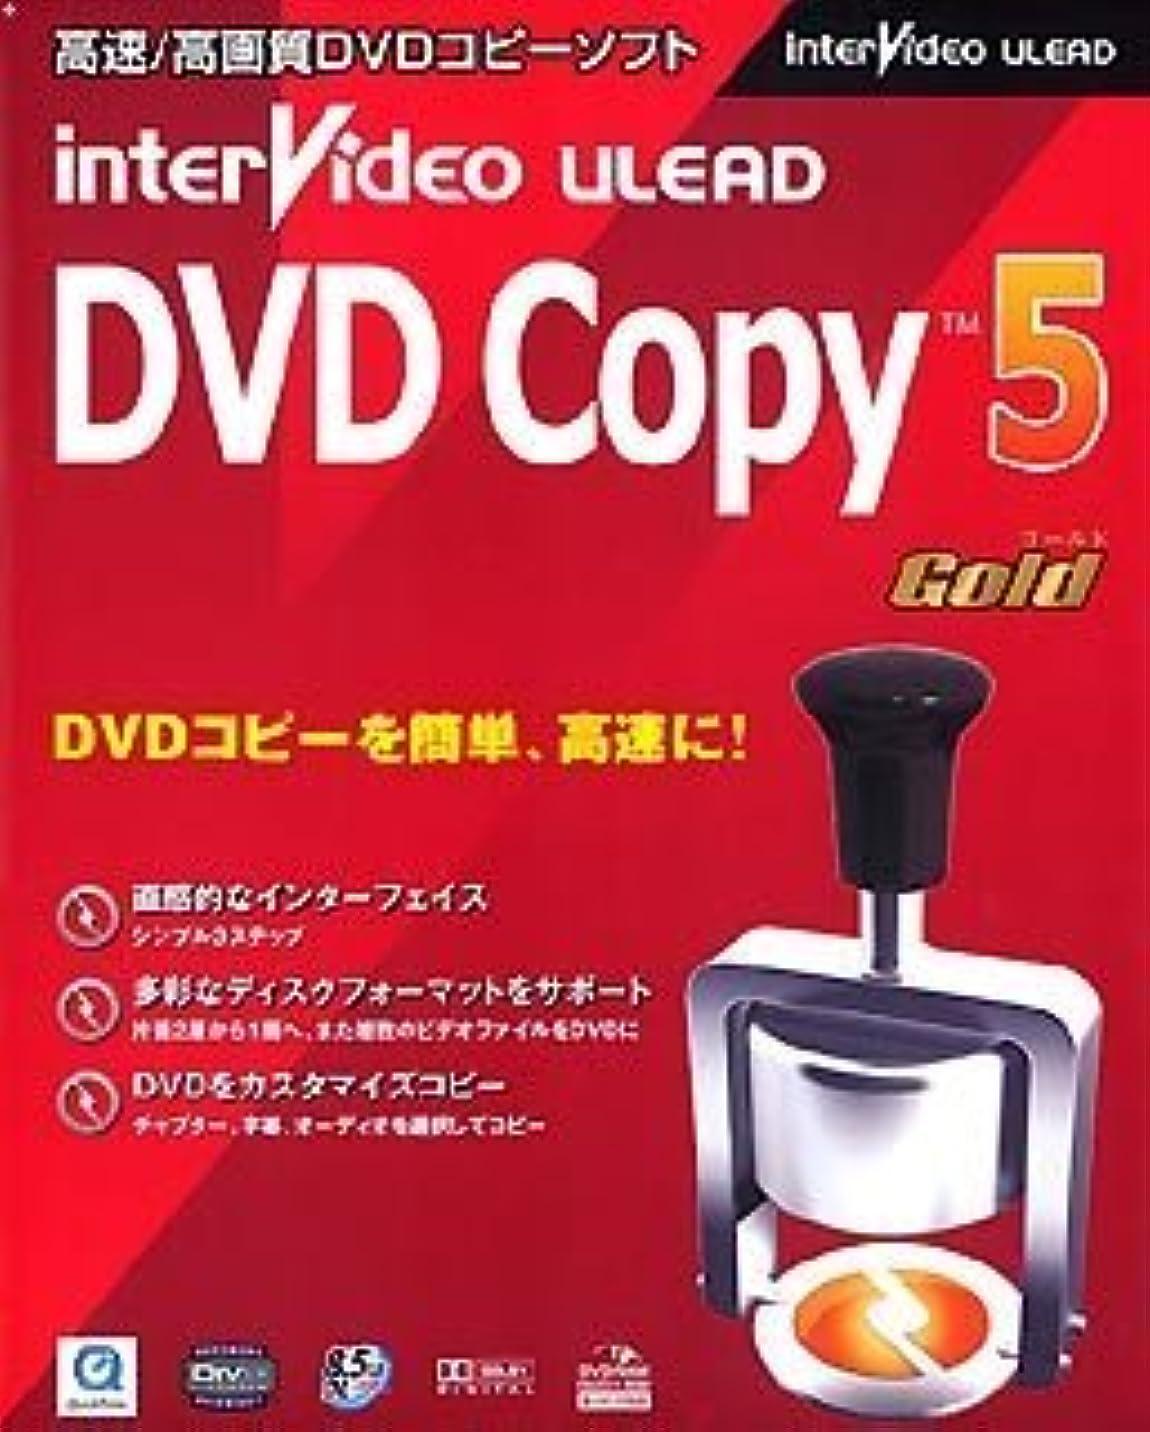 ガジュマル切断する銀河InterVideo DVD Copy 5 Gold